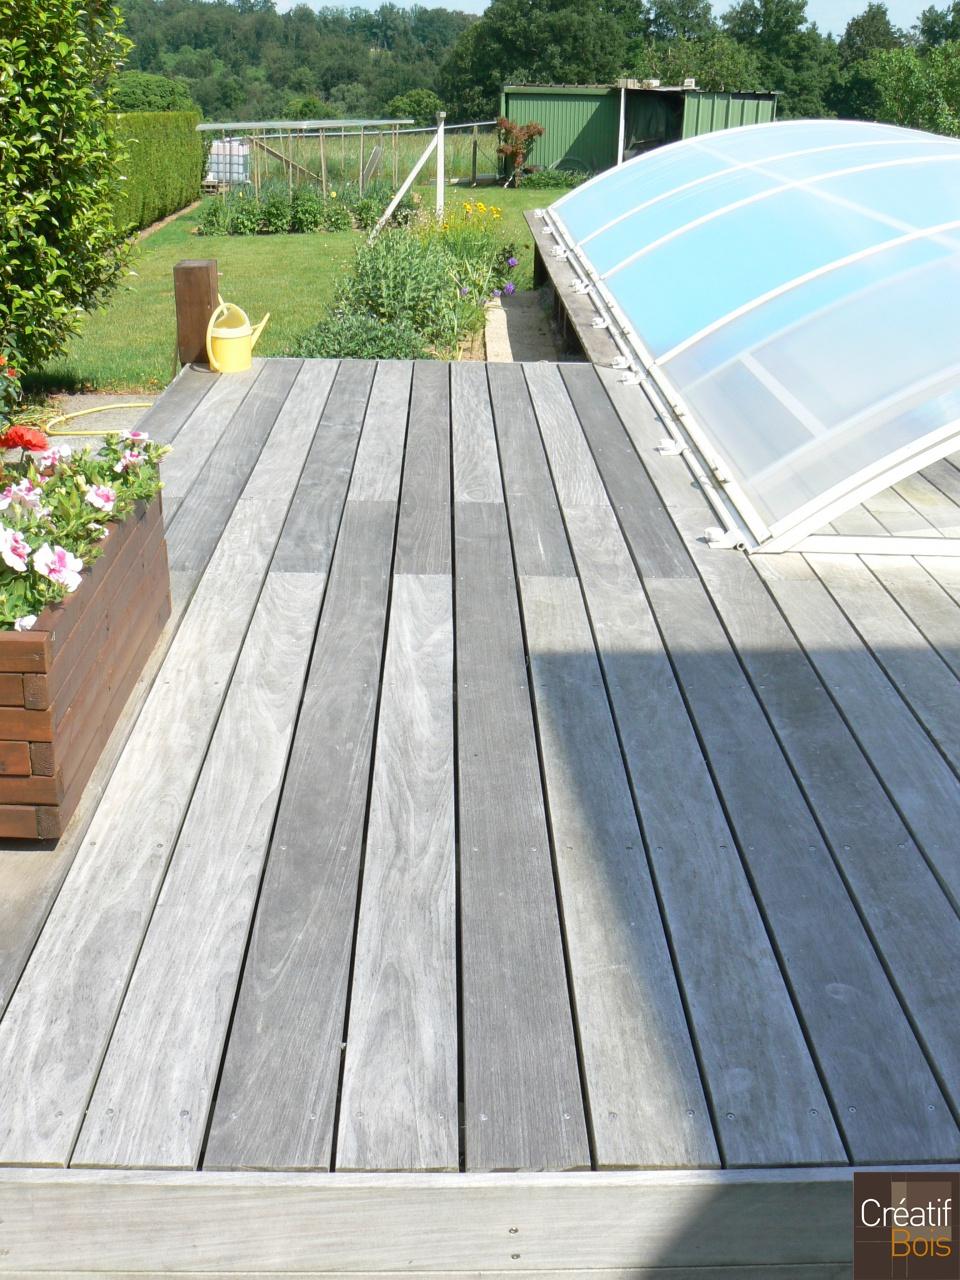 Haute vienne 87 rilhac rancon terrasse bois possible for Piscine bois avec escalier